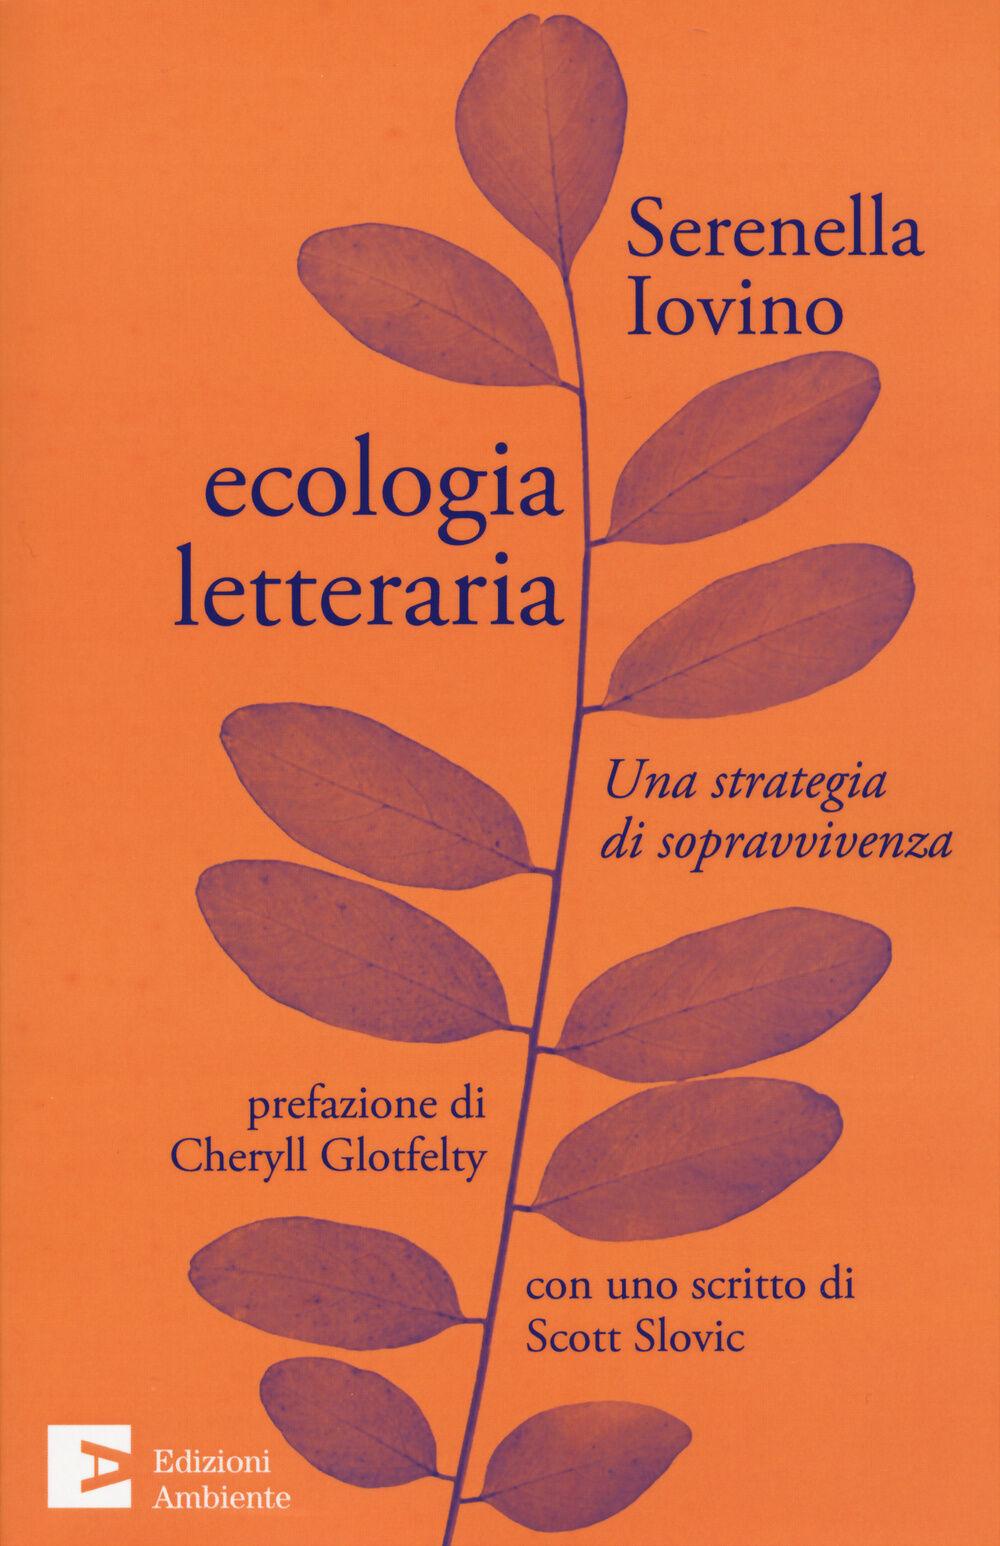 Ecologia letteraria. Una strategia di sopravvivenza